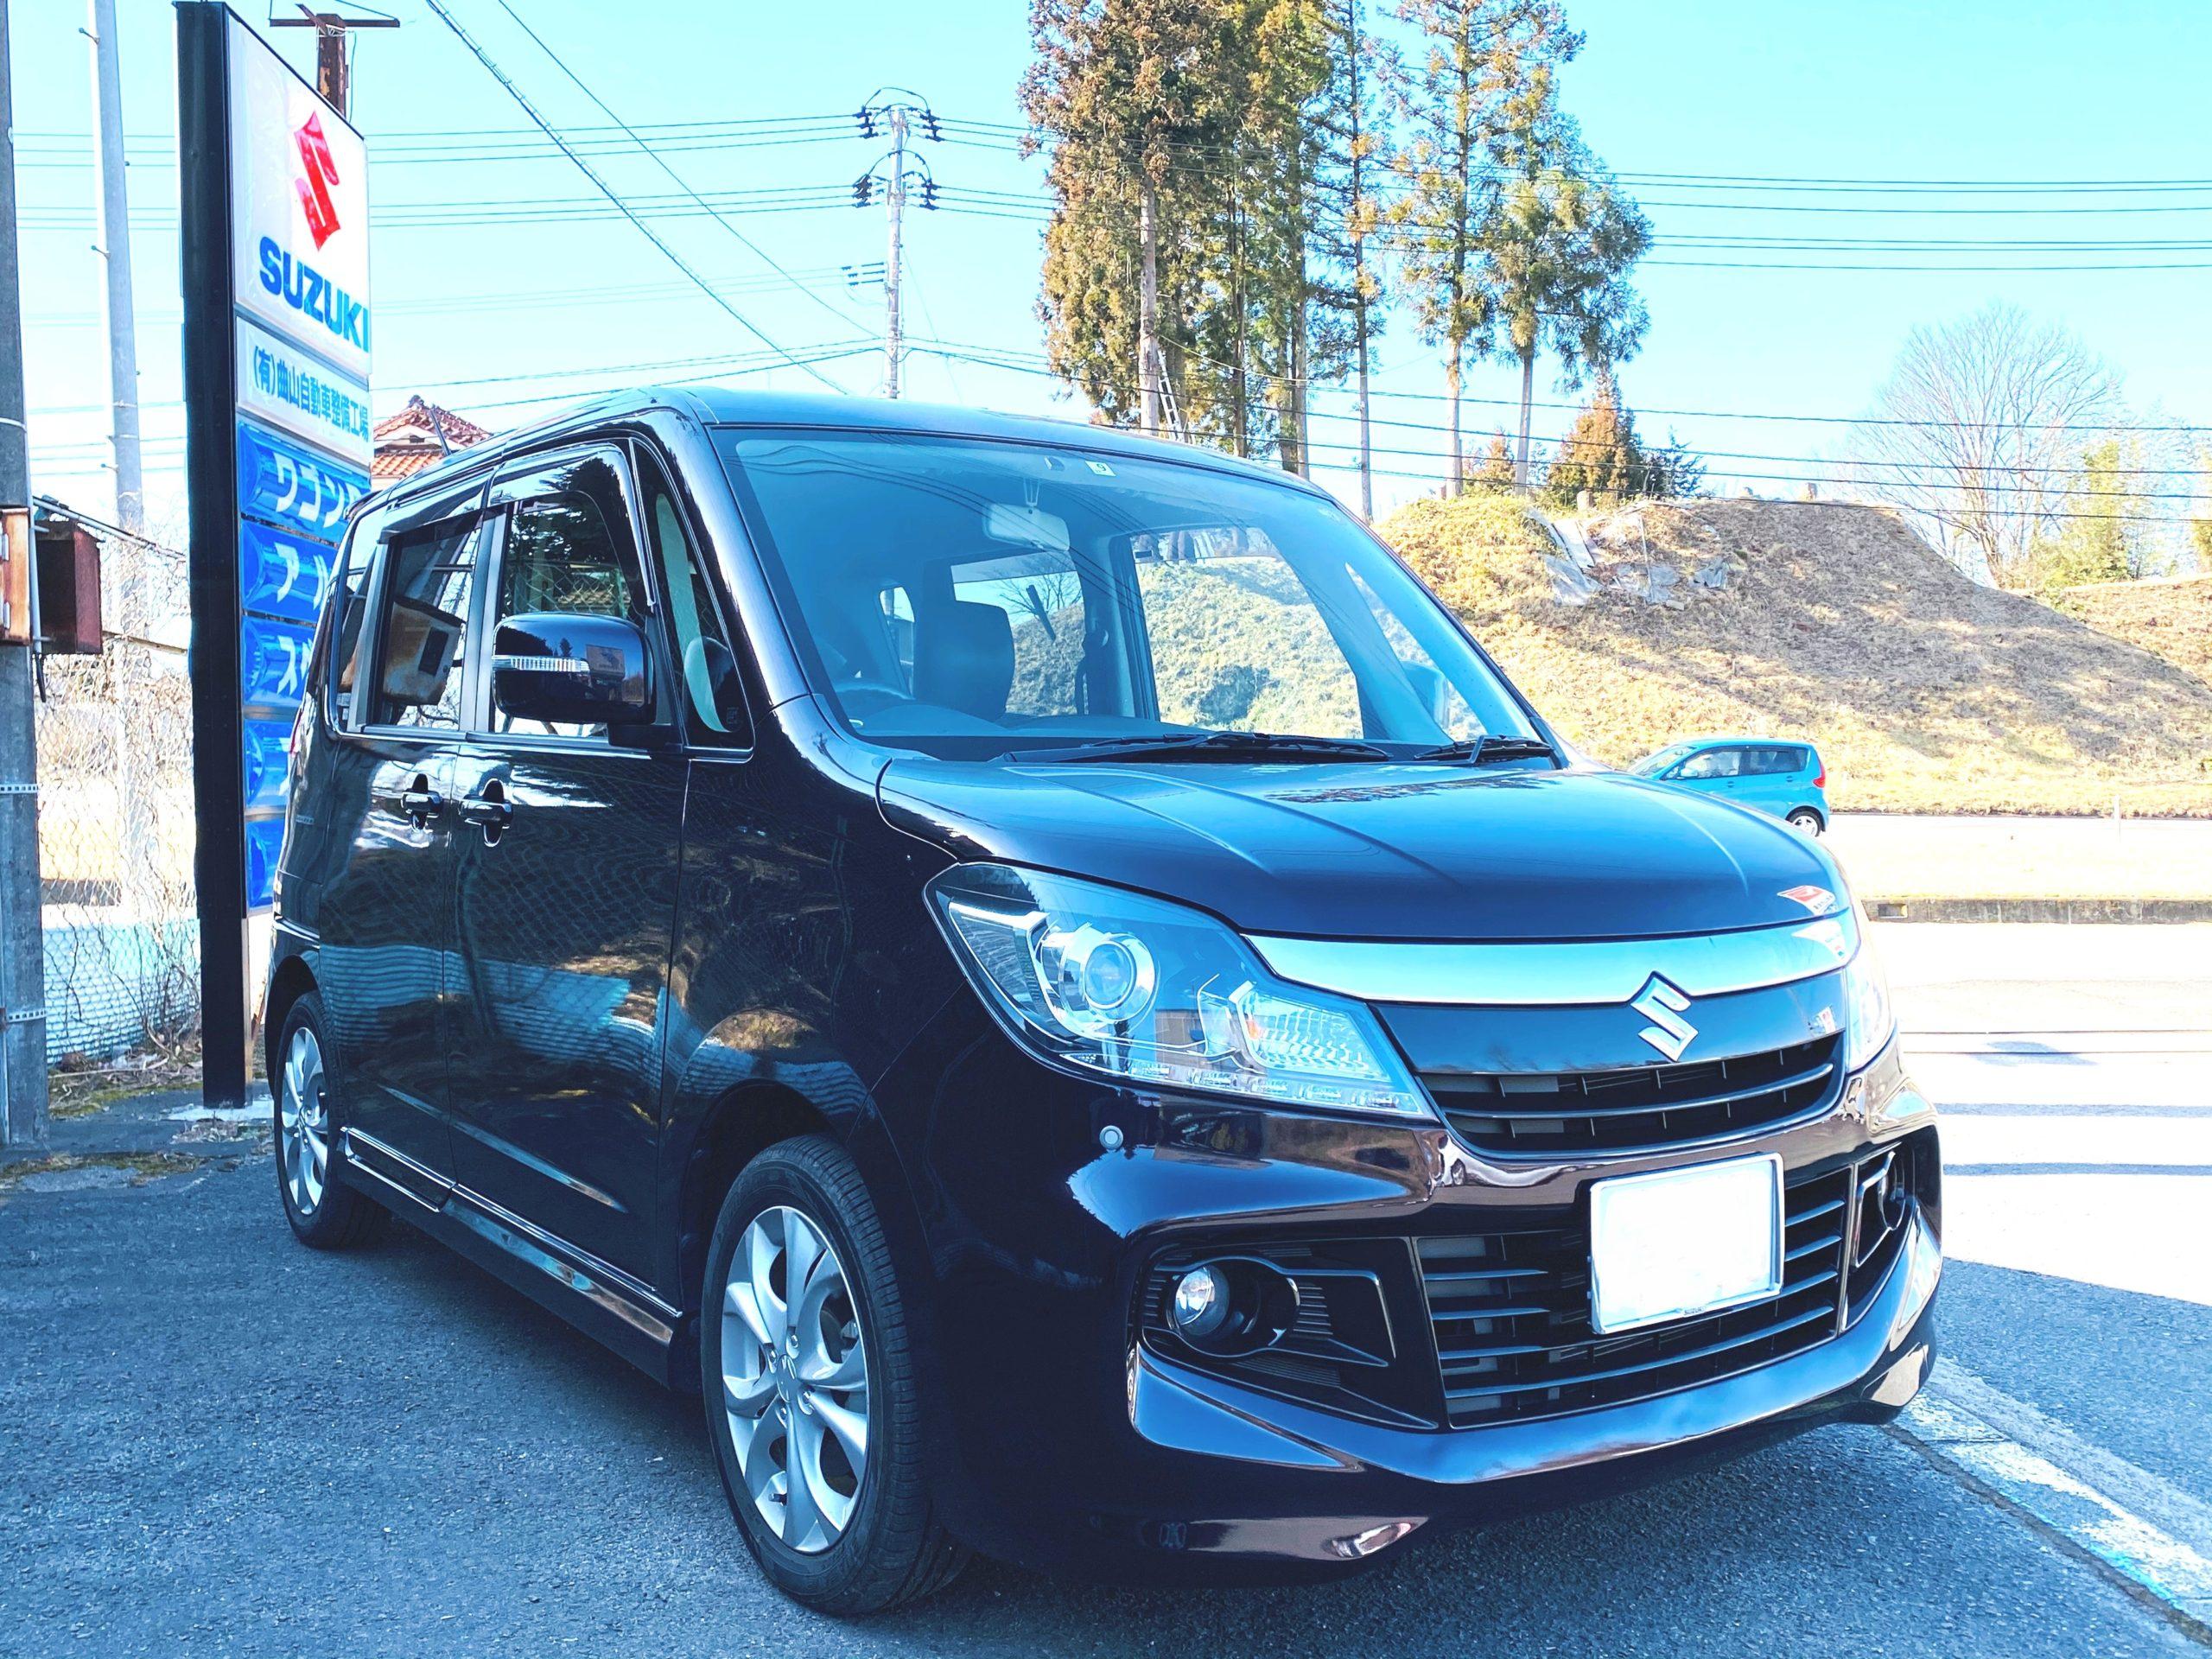 福祉車両改造 スズキソリオバンデット 福祉車両への改造 ①